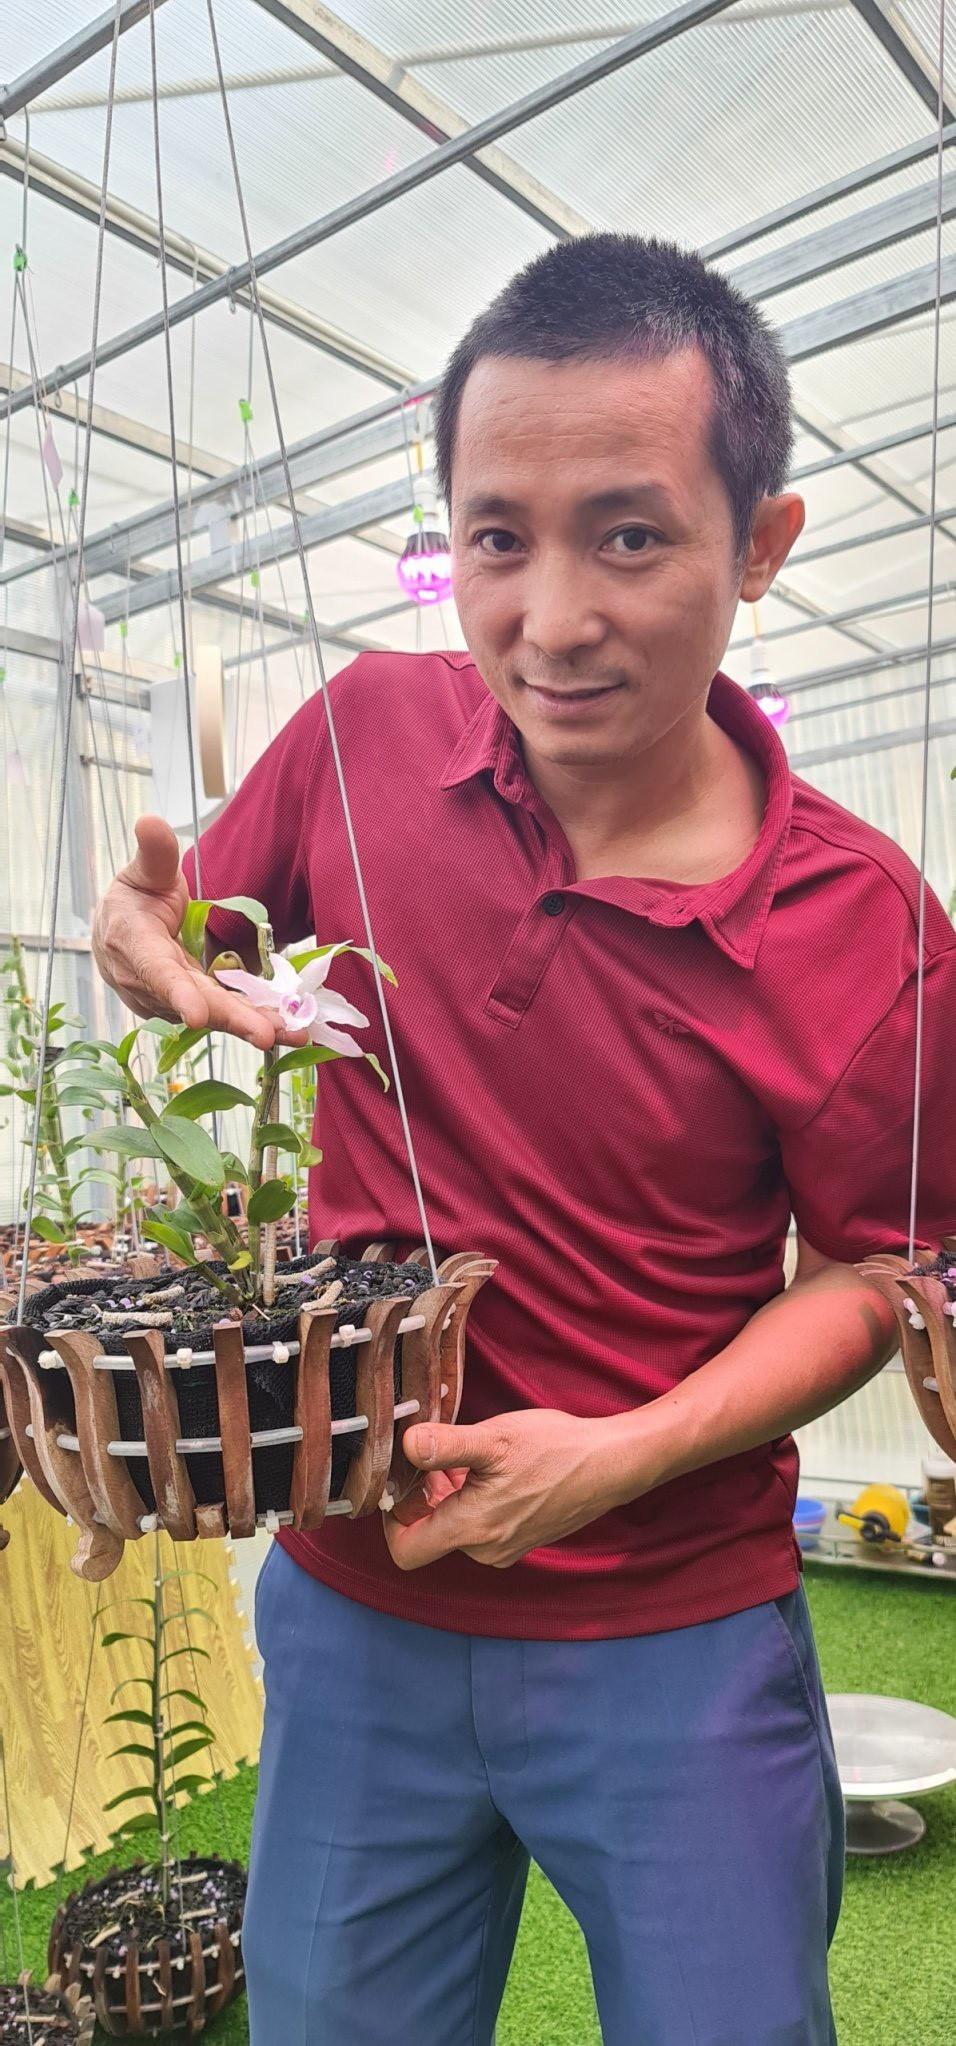 Dũng Công Tử tìm kiếm thành công với nghề trồng lan.